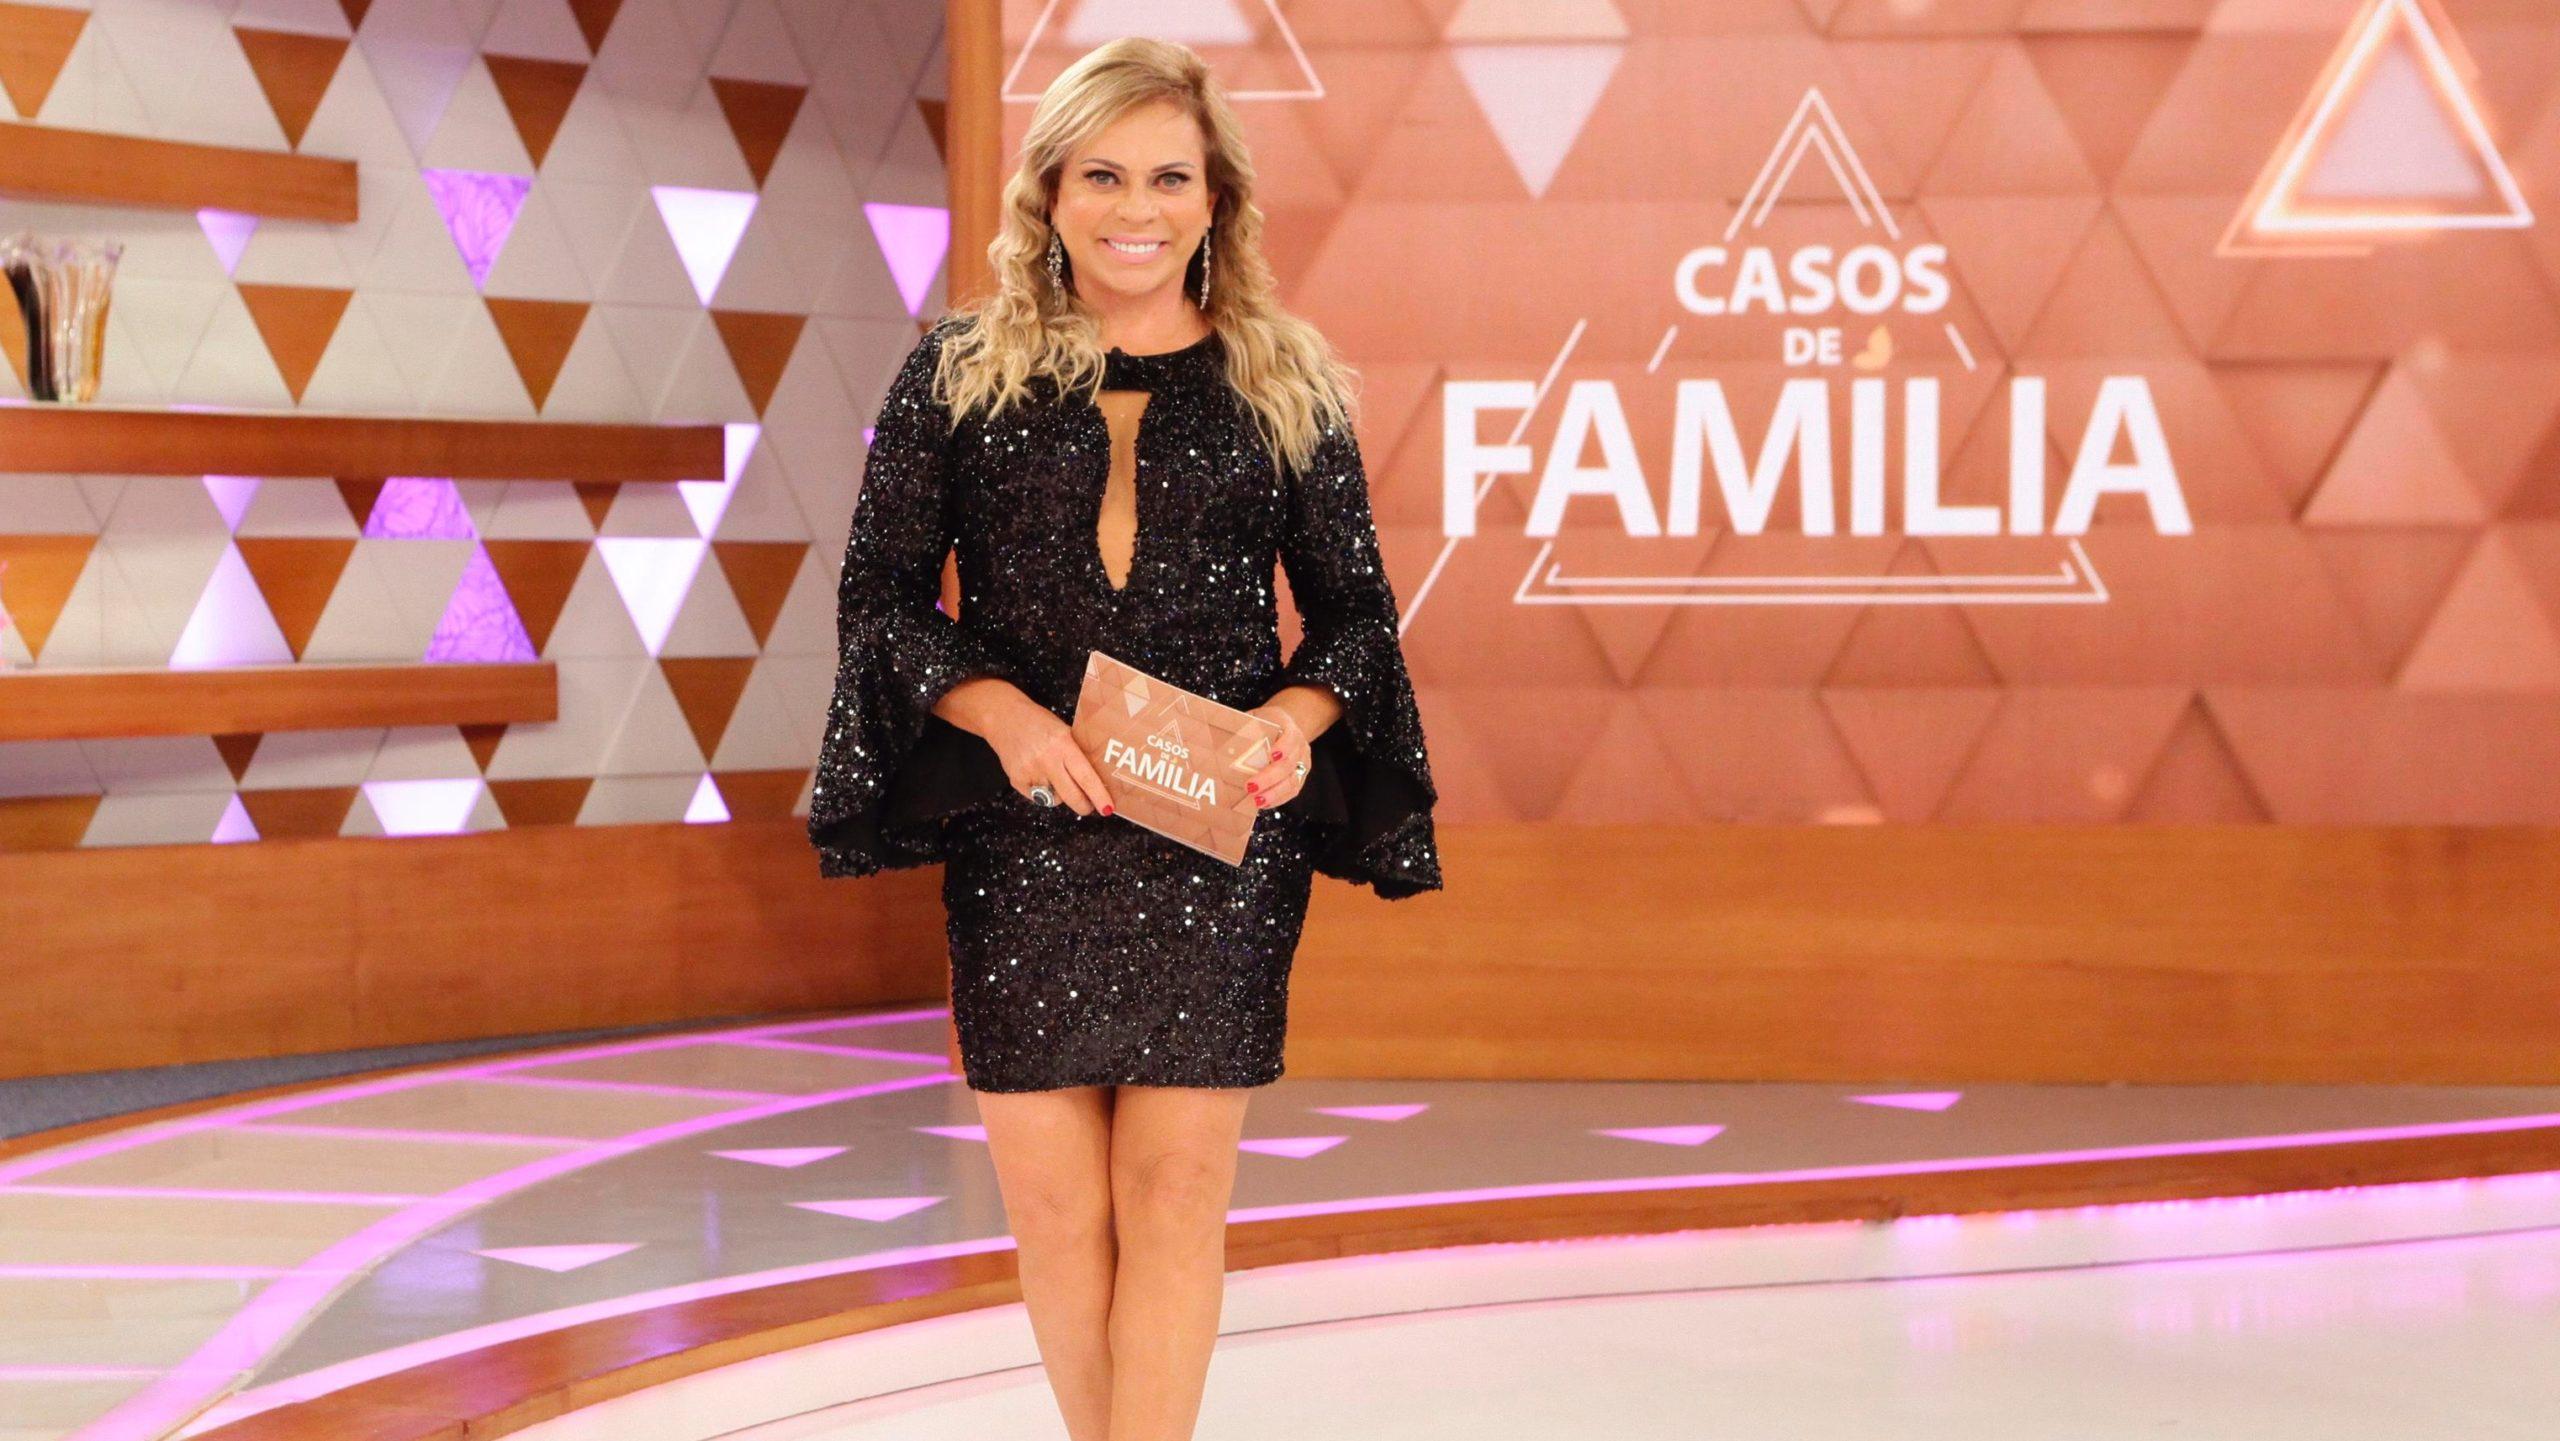 Christina Rocha comanda o Casos de Família no SBT (Foto: Divulgação/SBT)